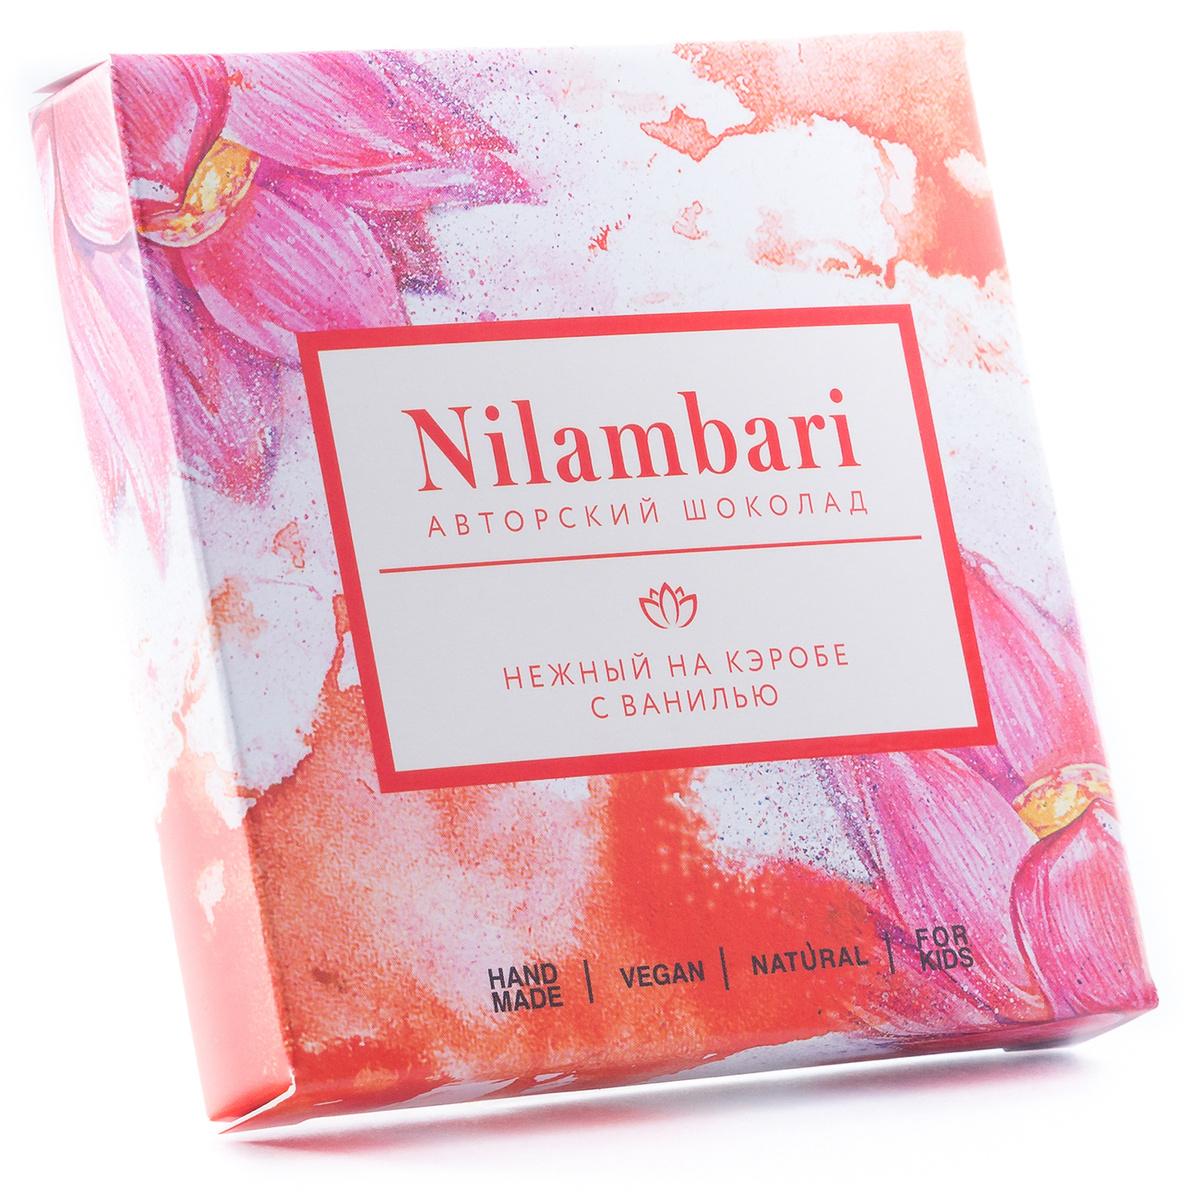 Шоколад Nilambari нежный на кэробе с ванилью / GreenMania #1